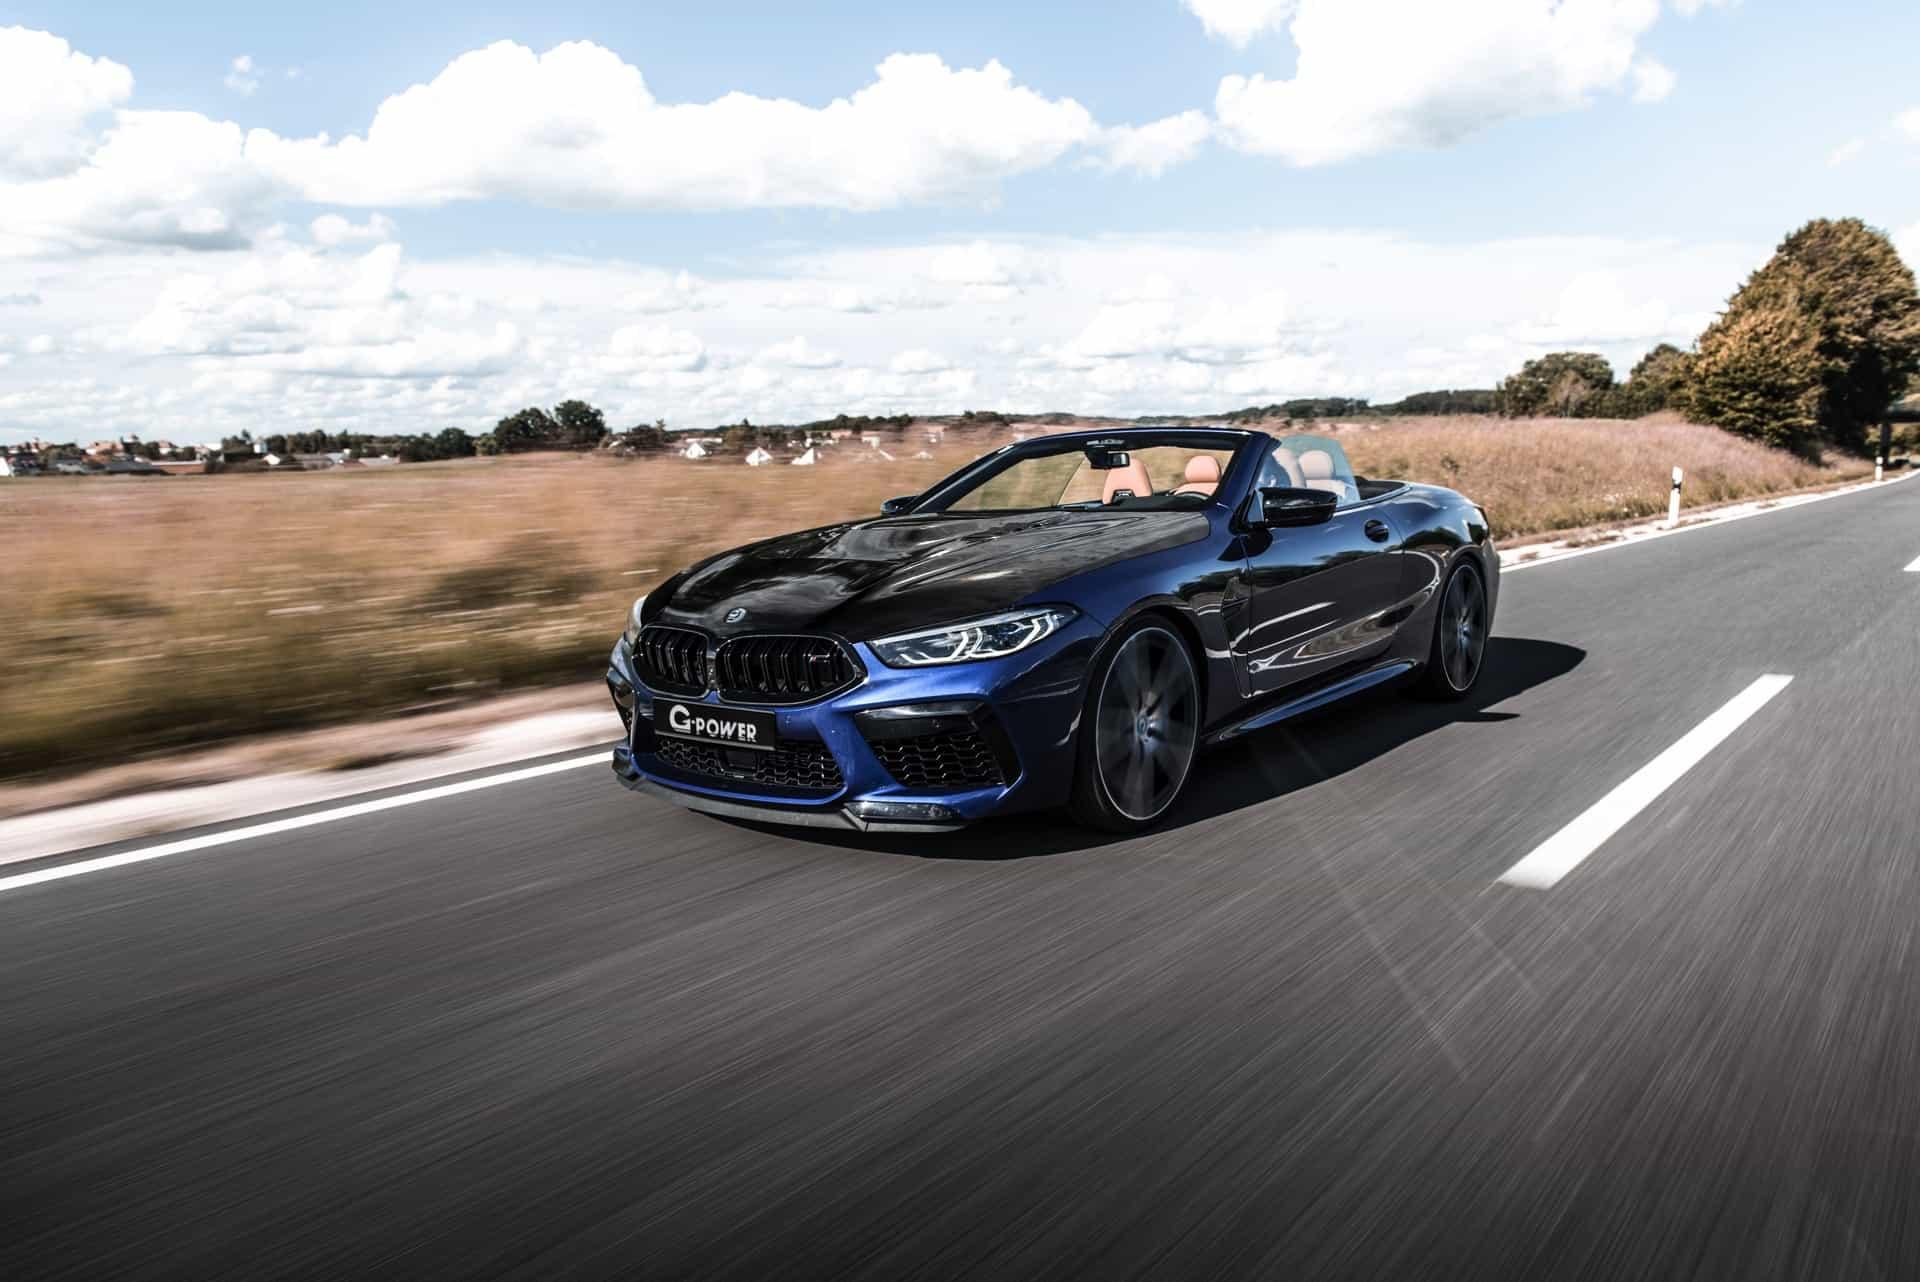 G Power BMW M8 Cabrio Tuning F91 05